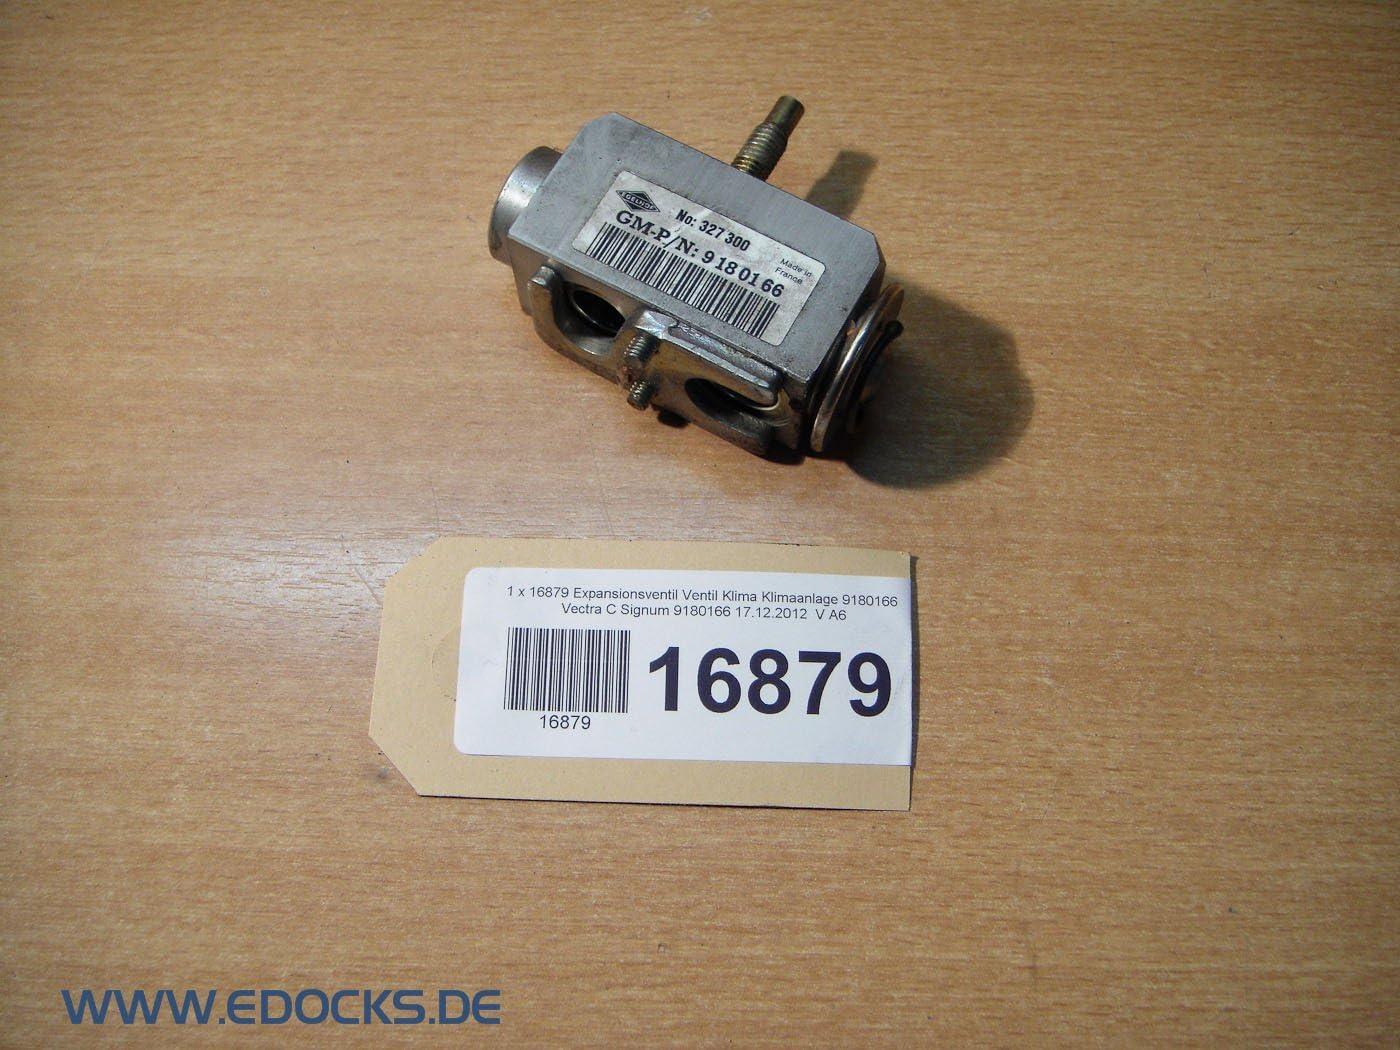 Expansionsventil Ventil Klima Klimaanlage 9180166 Vectra C Signum Opel